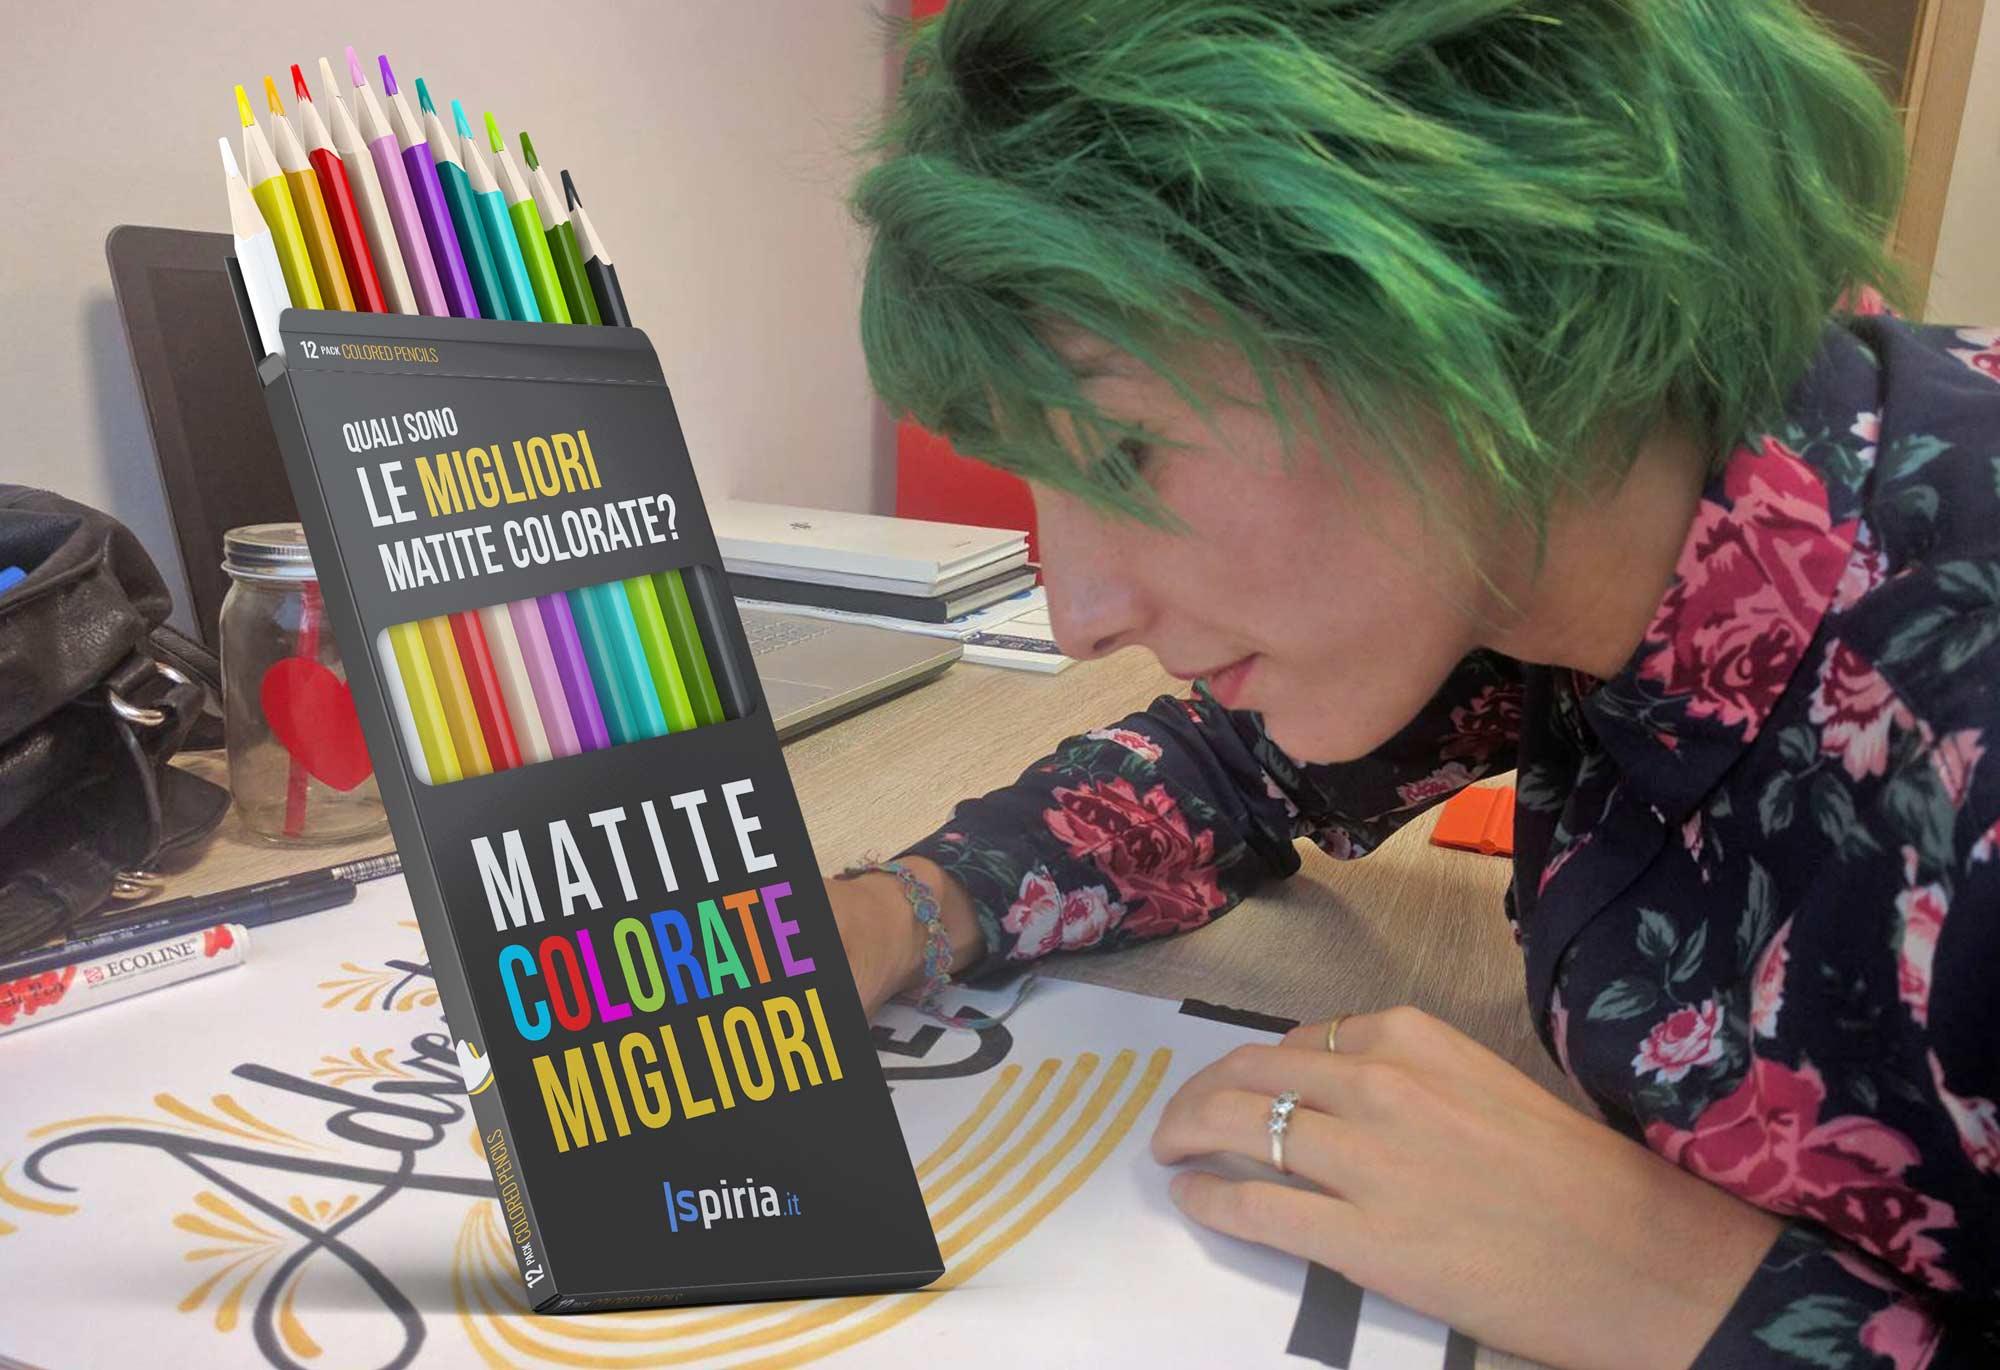 matite-colorate-migliori-professionali